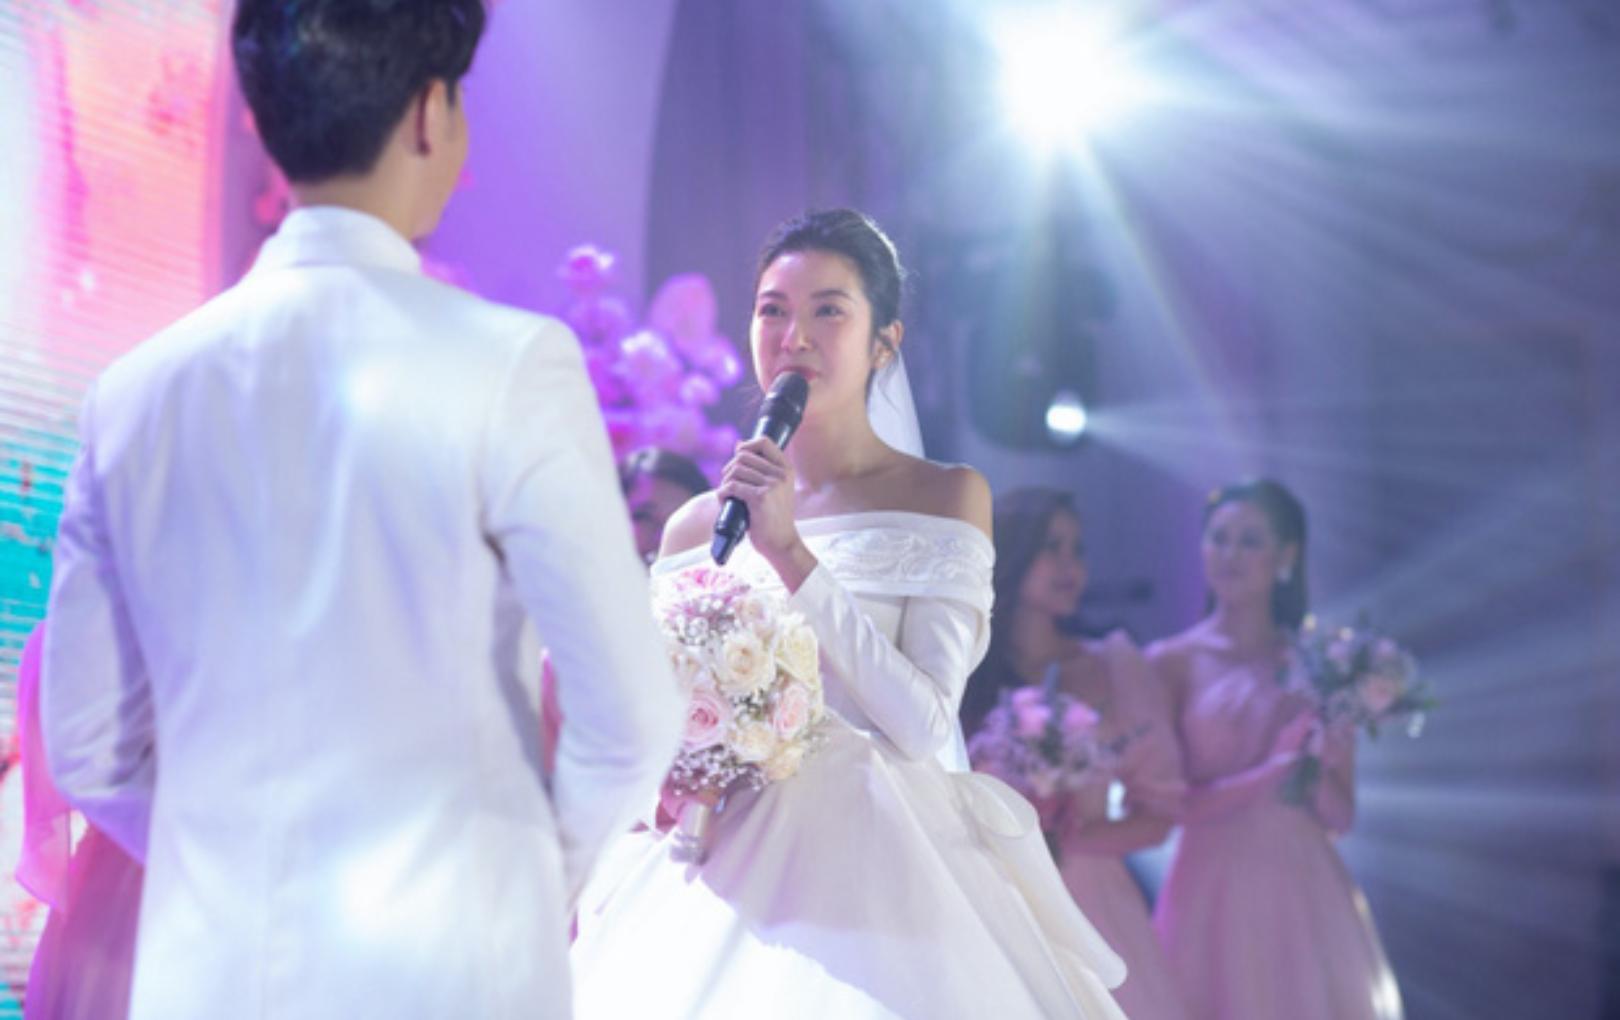 Thuý Vân chính thức xác nhận mang thai con đầu lòng ngay tại đám cưới, còn tiết lộ luôn giới tính em bé